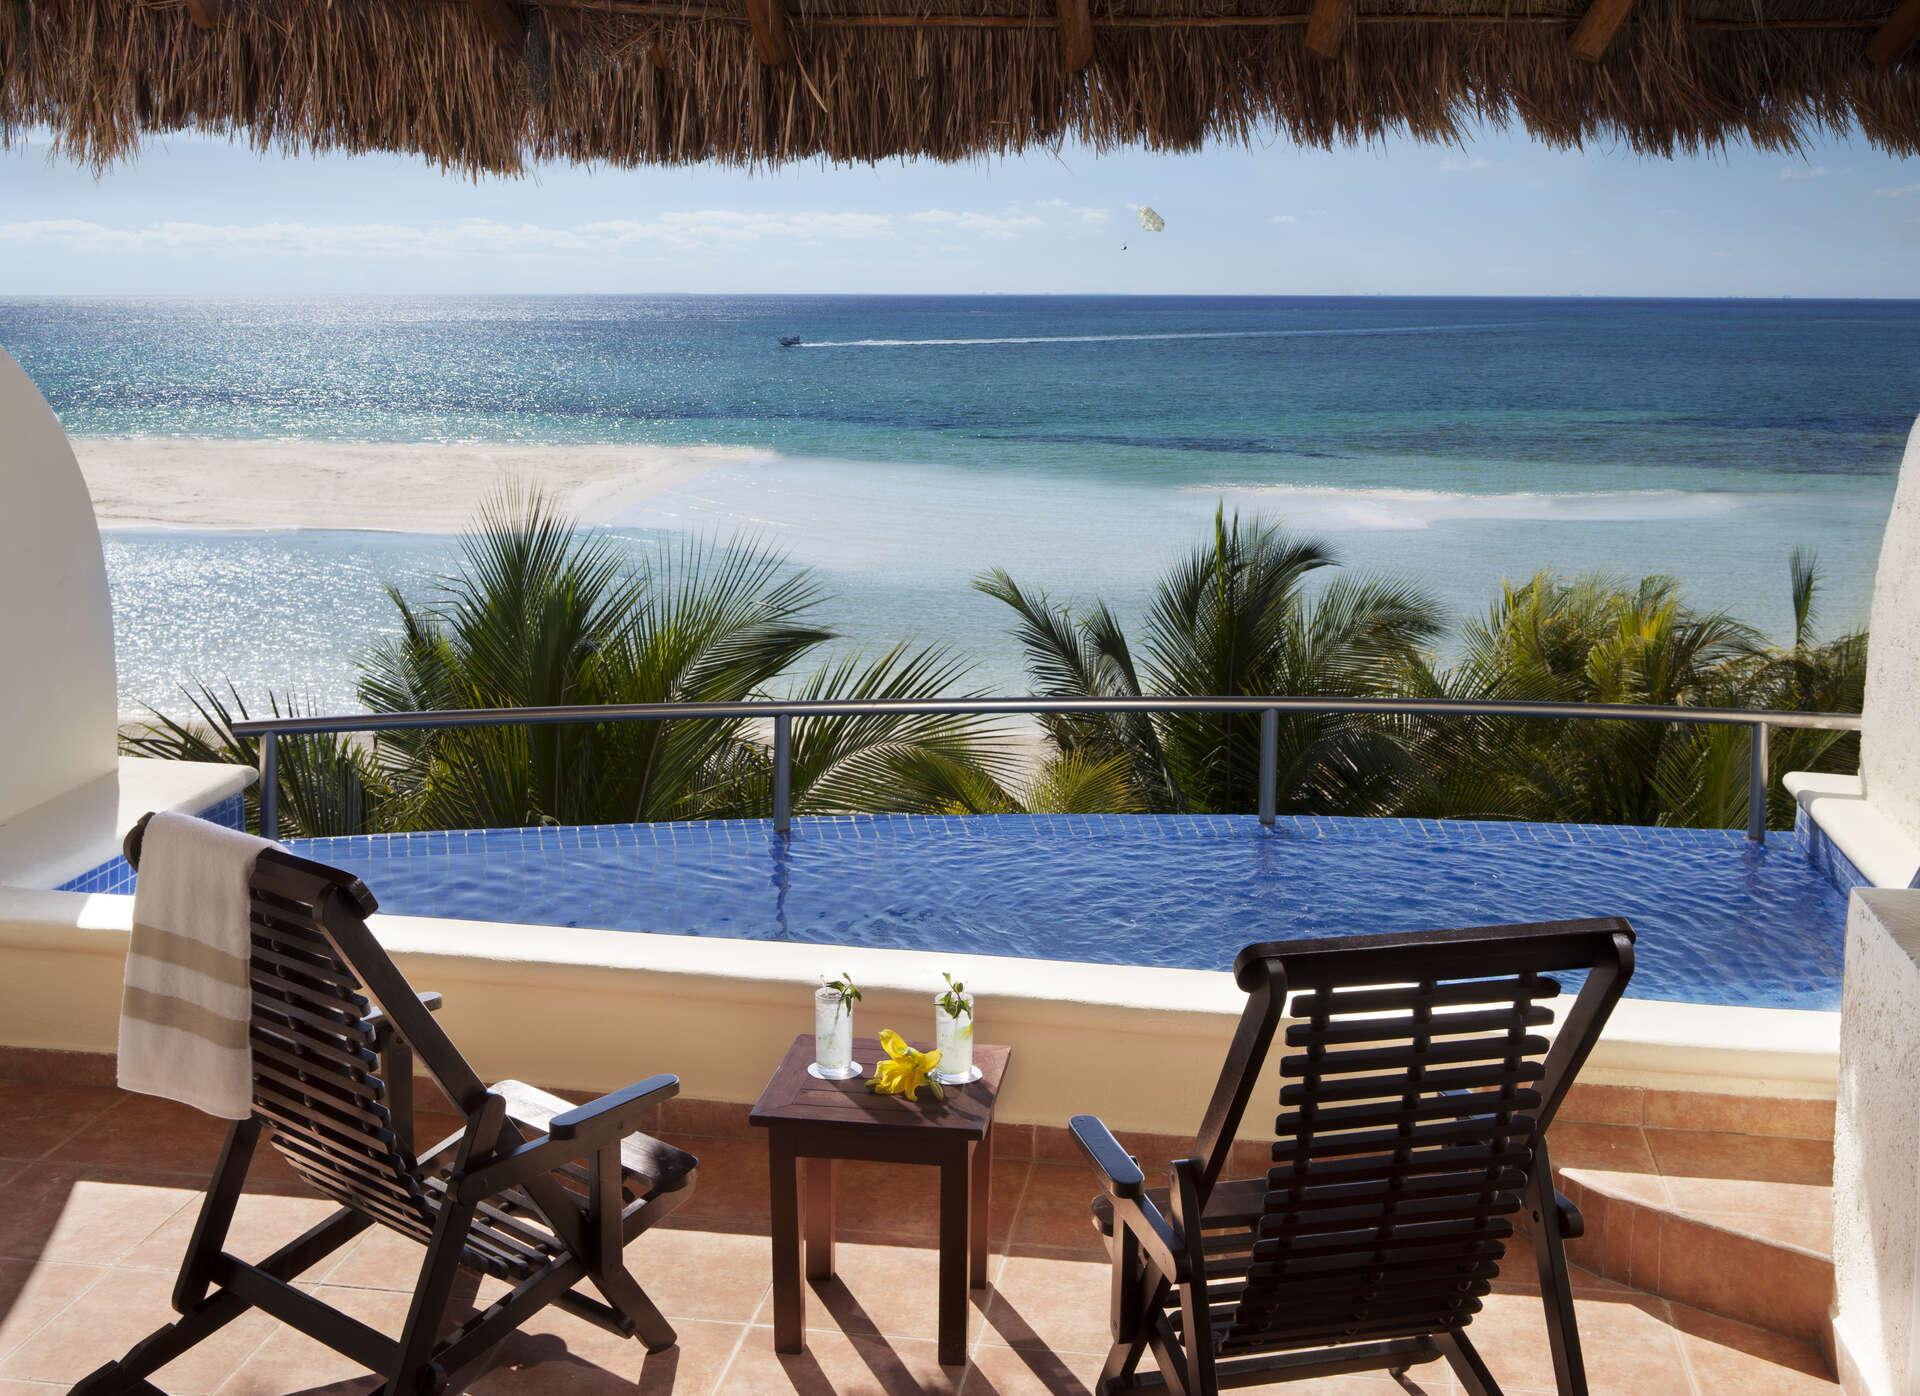 Luxury vacation rentals mexico - Riviera maya - Playa del carmen - El dorado maroma spa resort - Private Pool Suite - Image 1/15